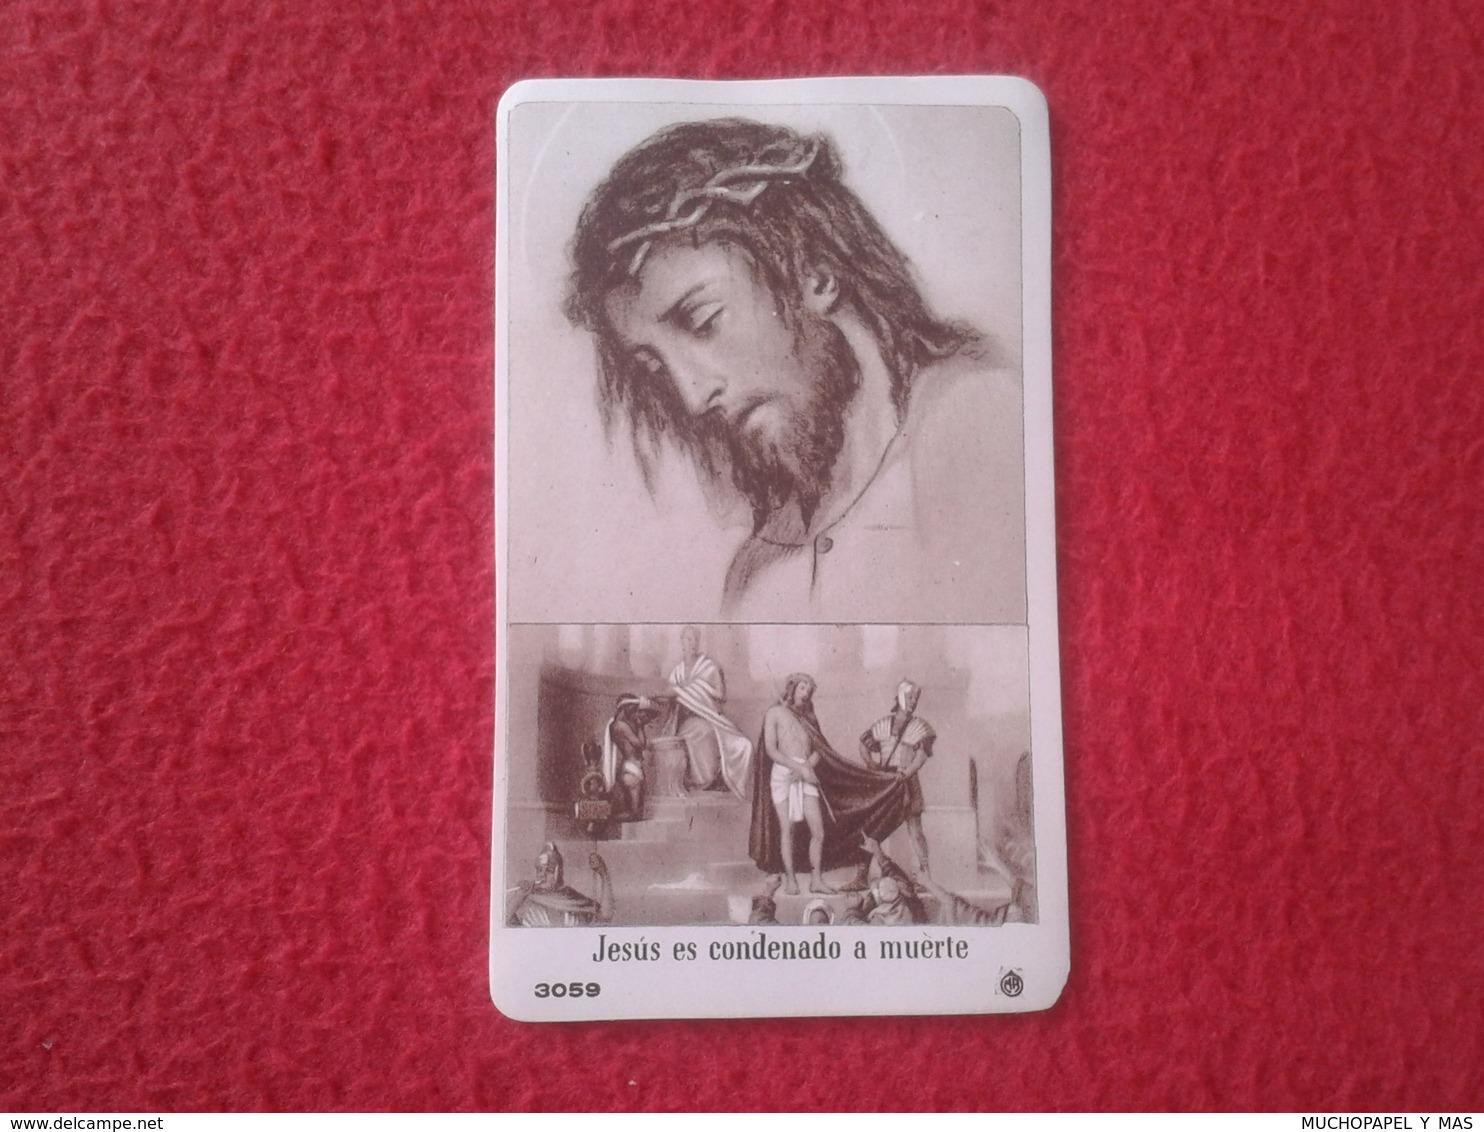 ANTIGUA ESTAMPA RELIGIOSA RELIGIÓN CON IMAGEN CRISTO JESÚS ES CONDENADO A MUERTE 3059 MUY BUEN ESTADO VER FOTO/S Y DESCR - Religión & Esoterismo